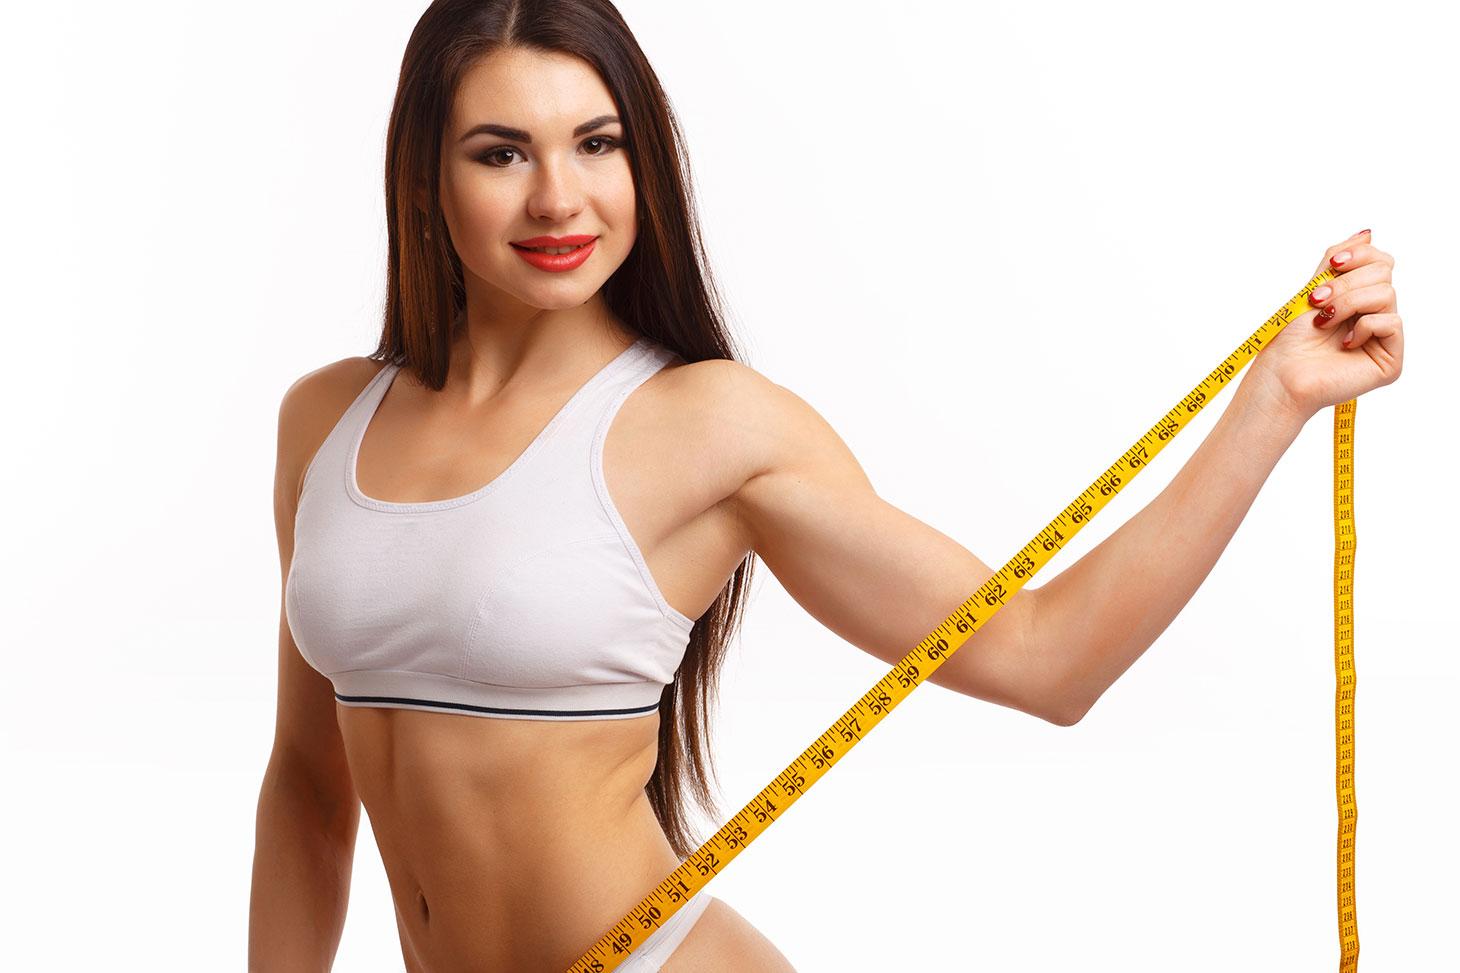 быстро убрать жир живота женщине